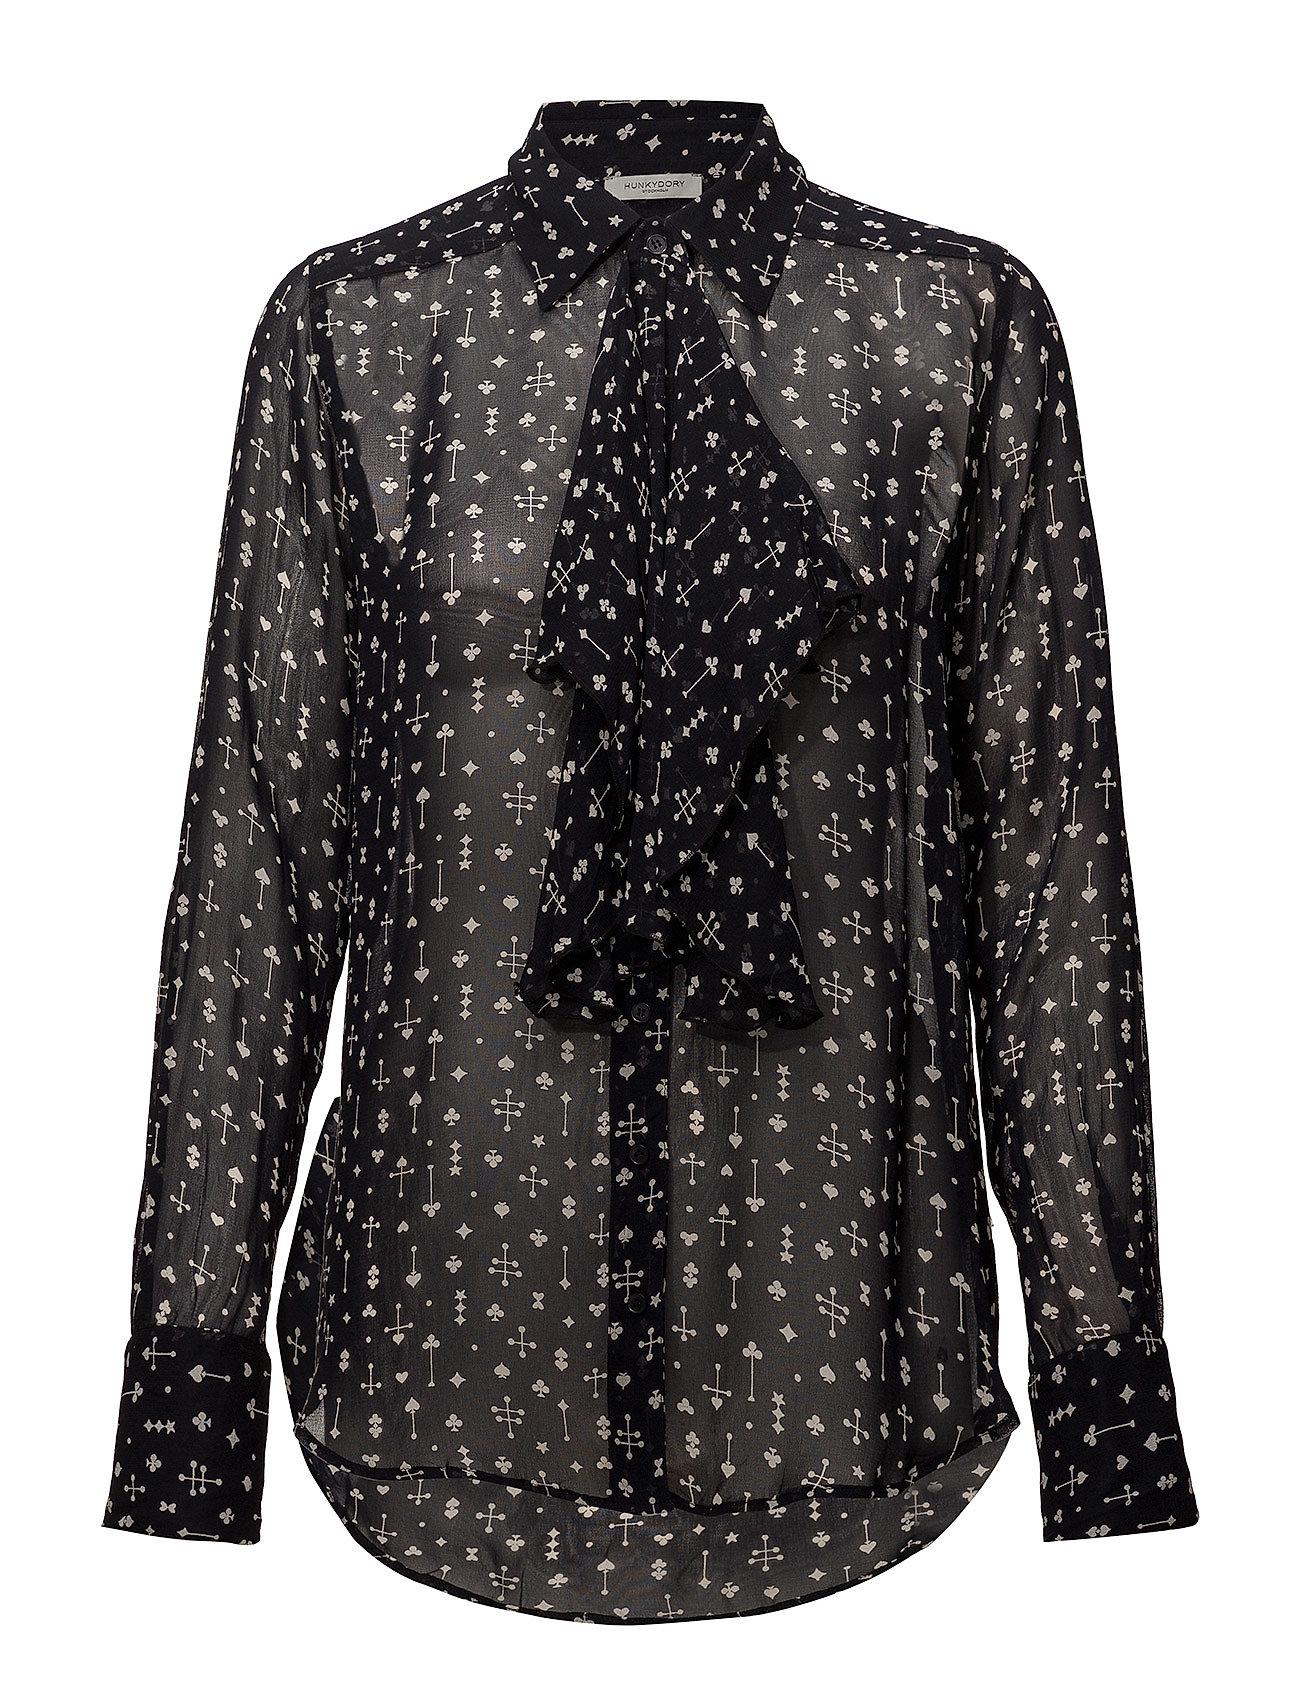 Hunkydory Clinton Spades Shirt - ALMOST BLACK SPADES